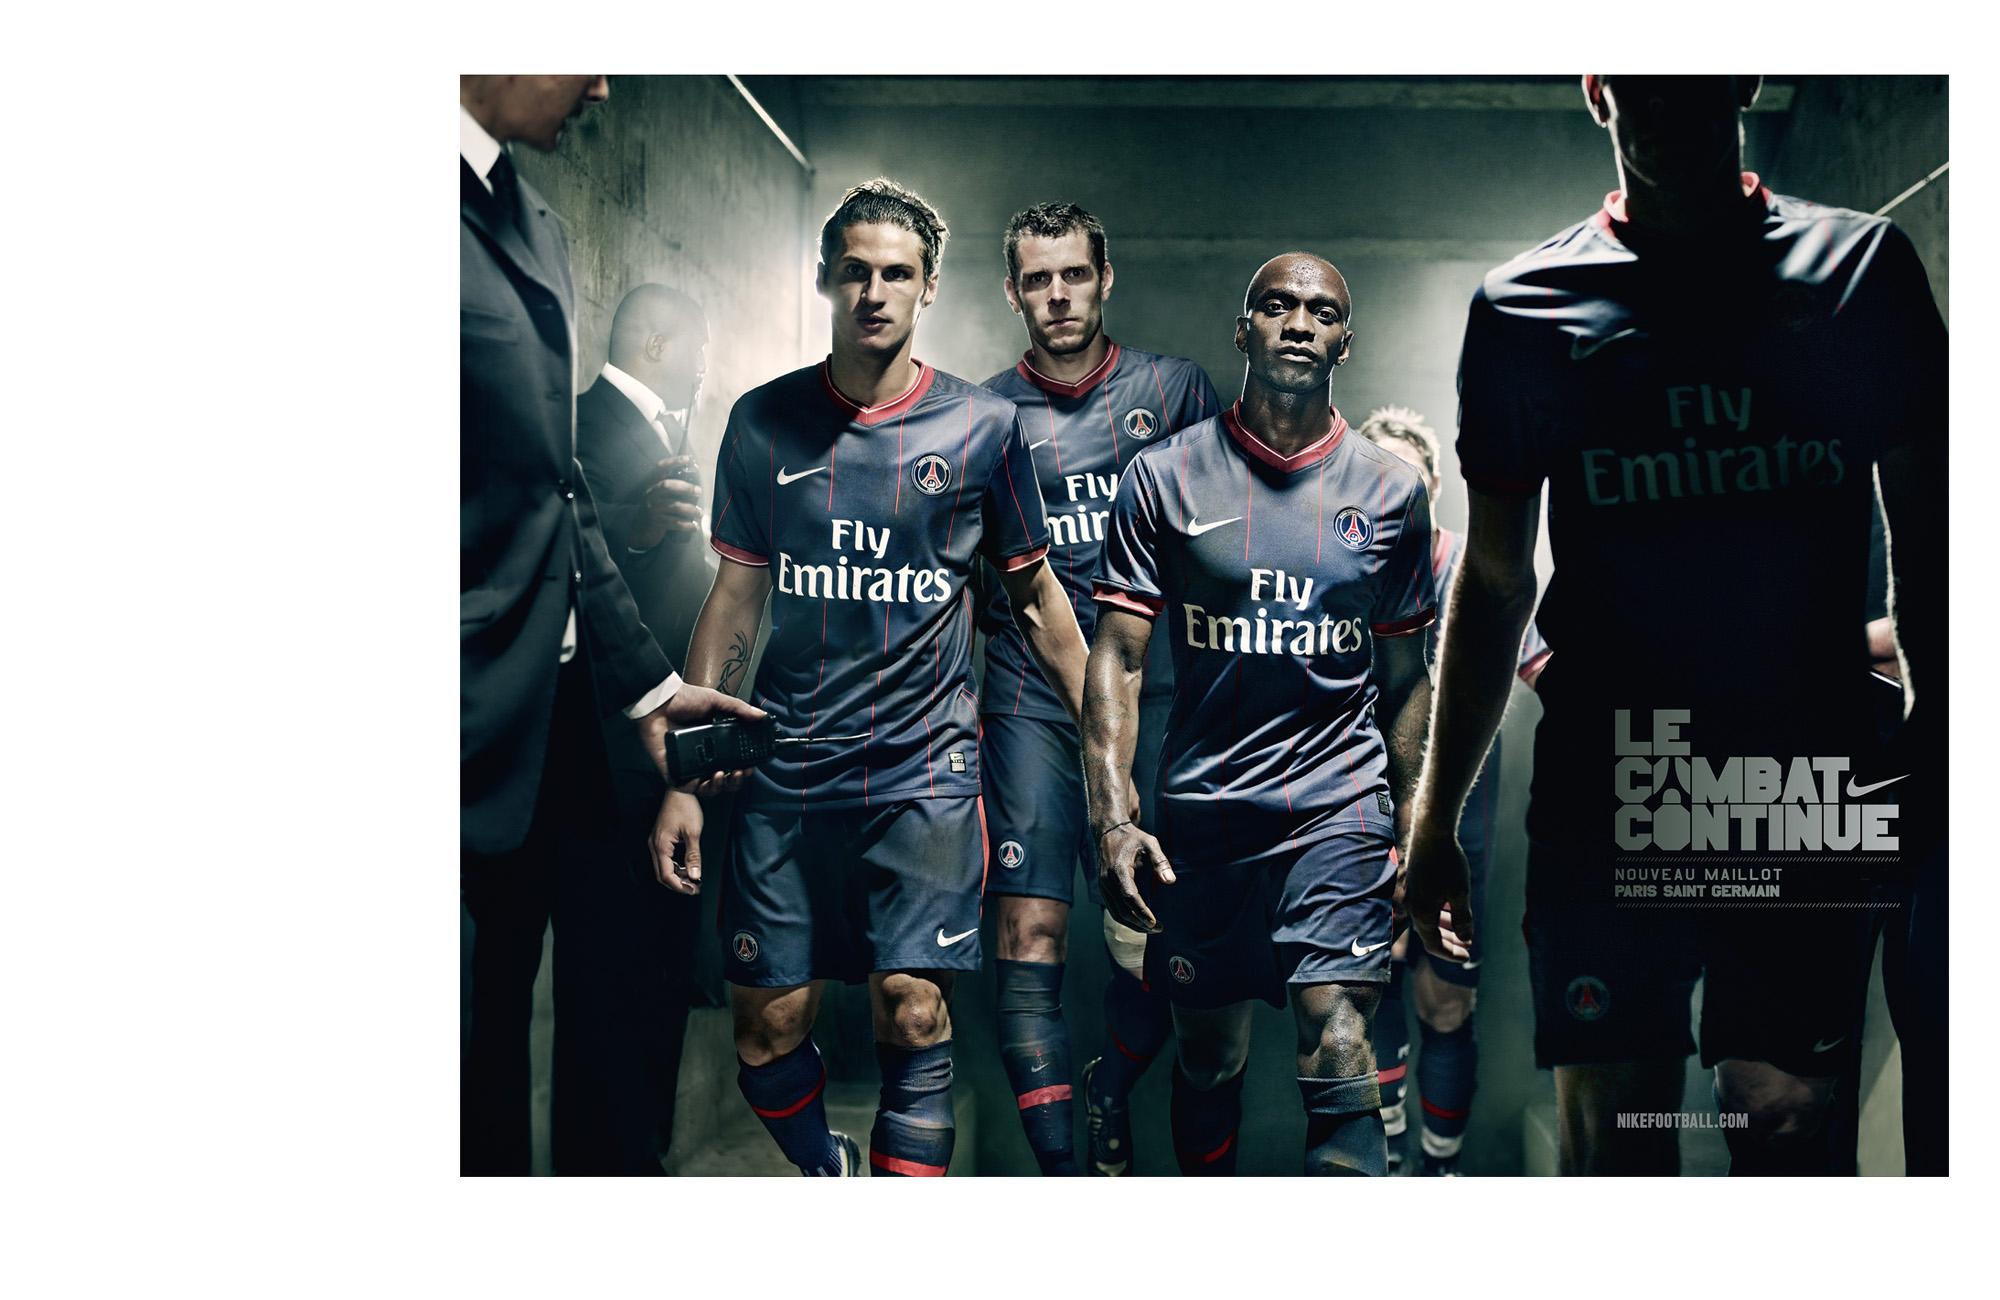 Nike PSG - 1 of 2